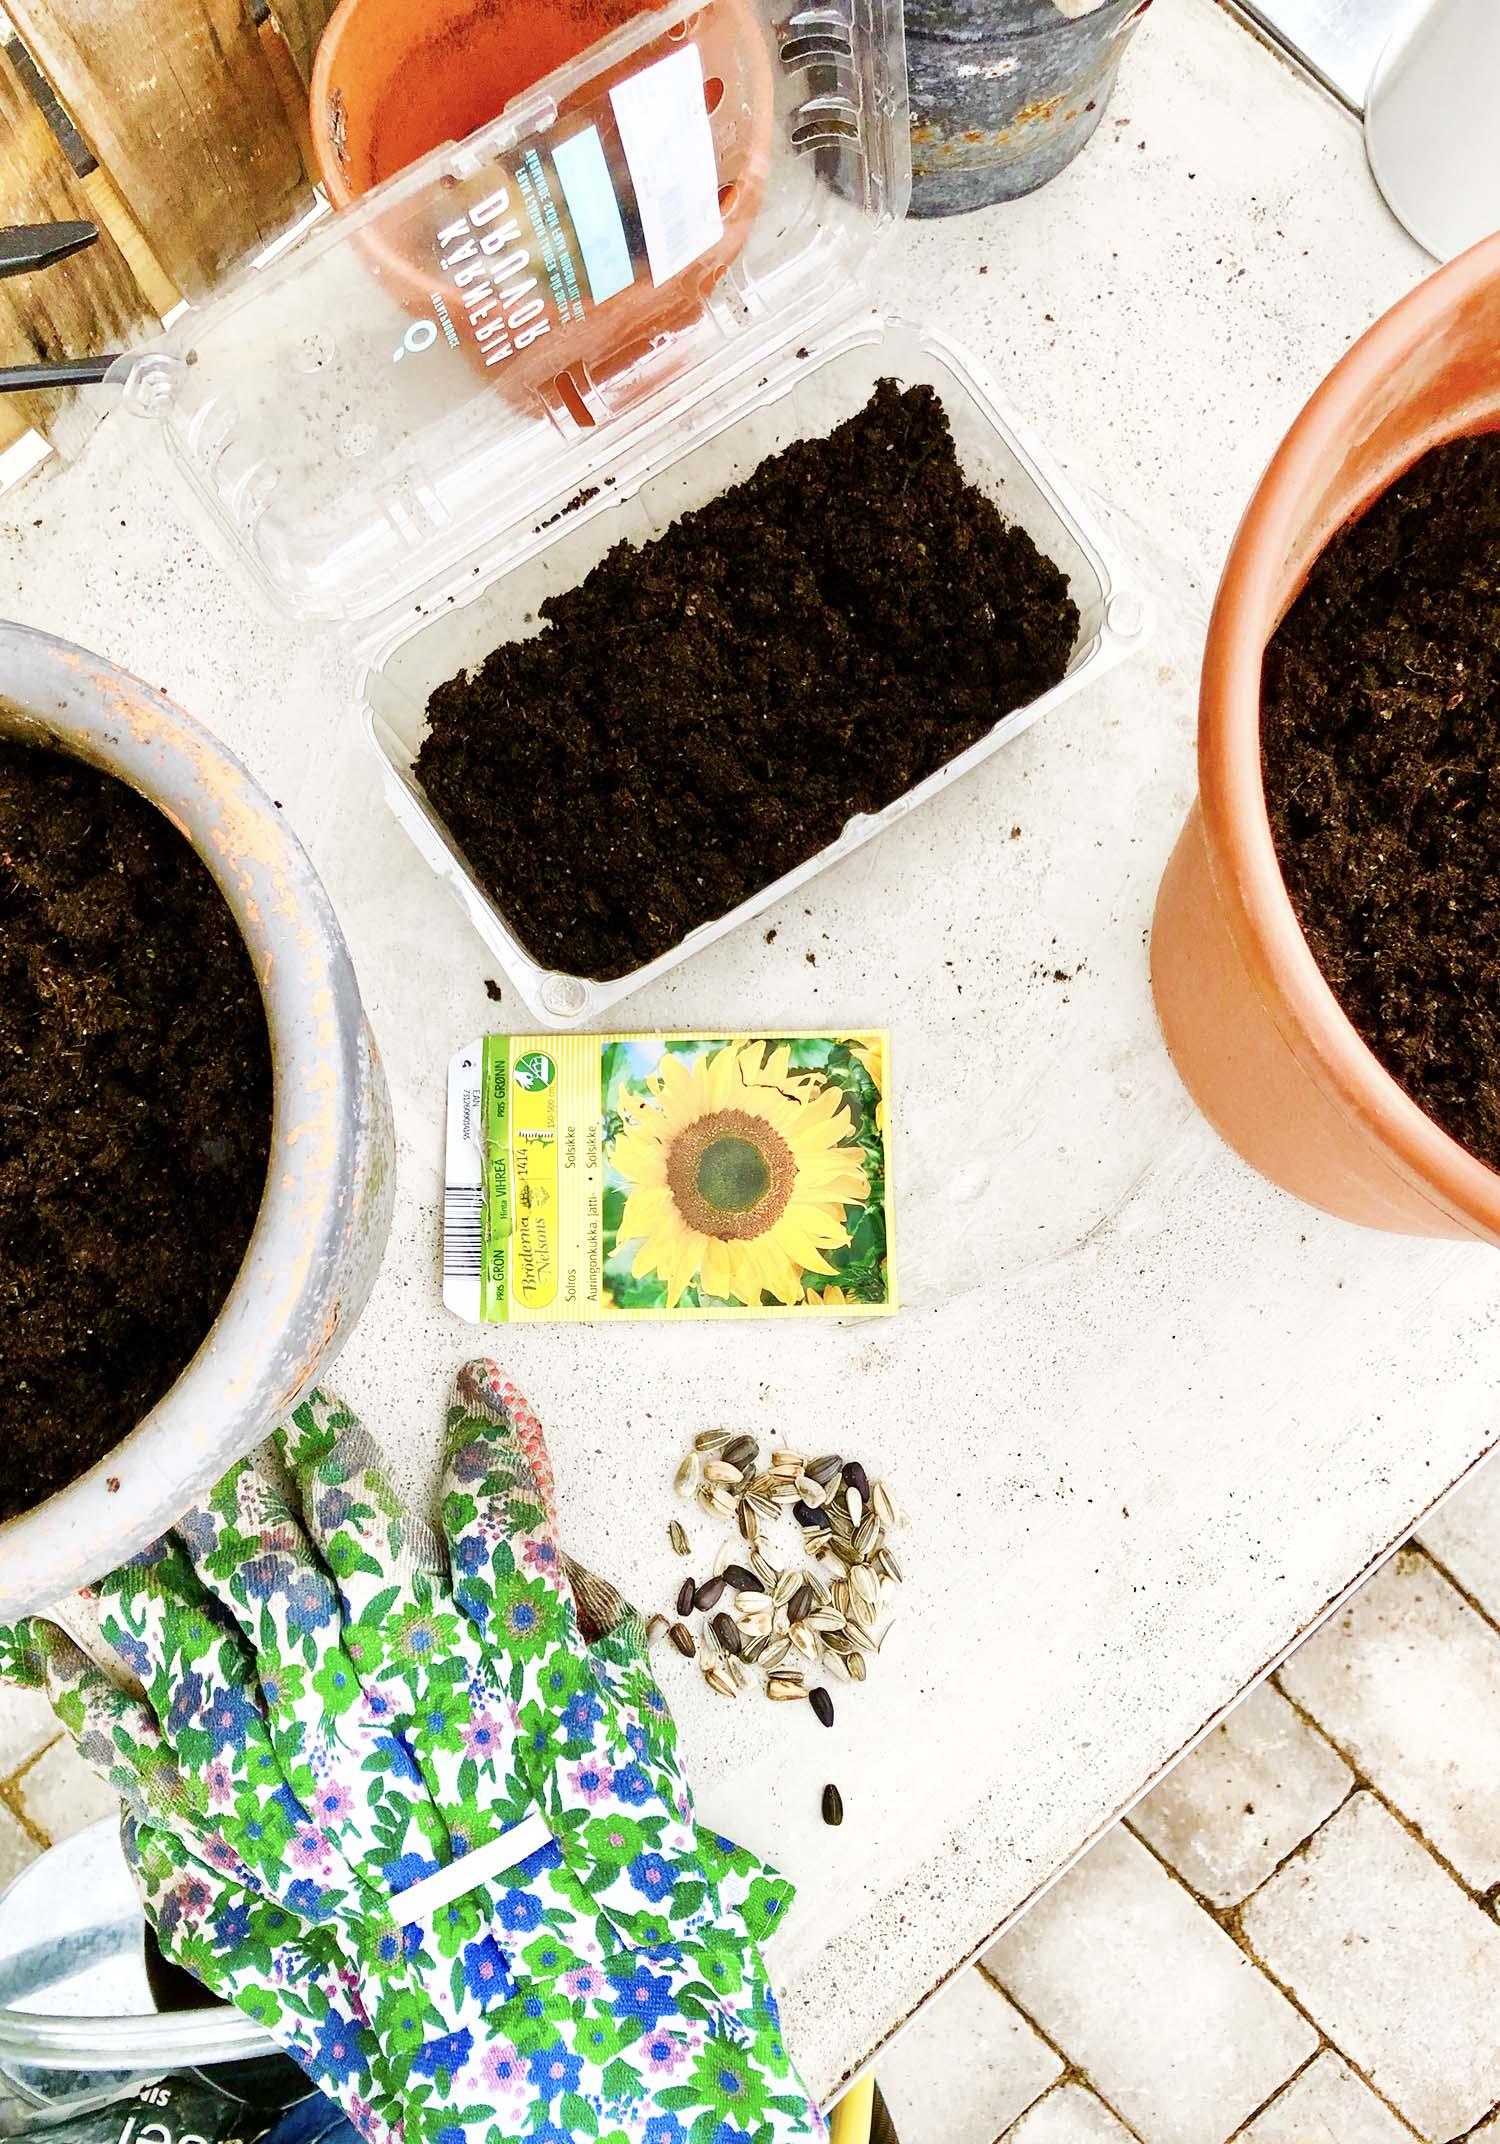 Fröså solrosor - trädgårdsfix första helgen i maj